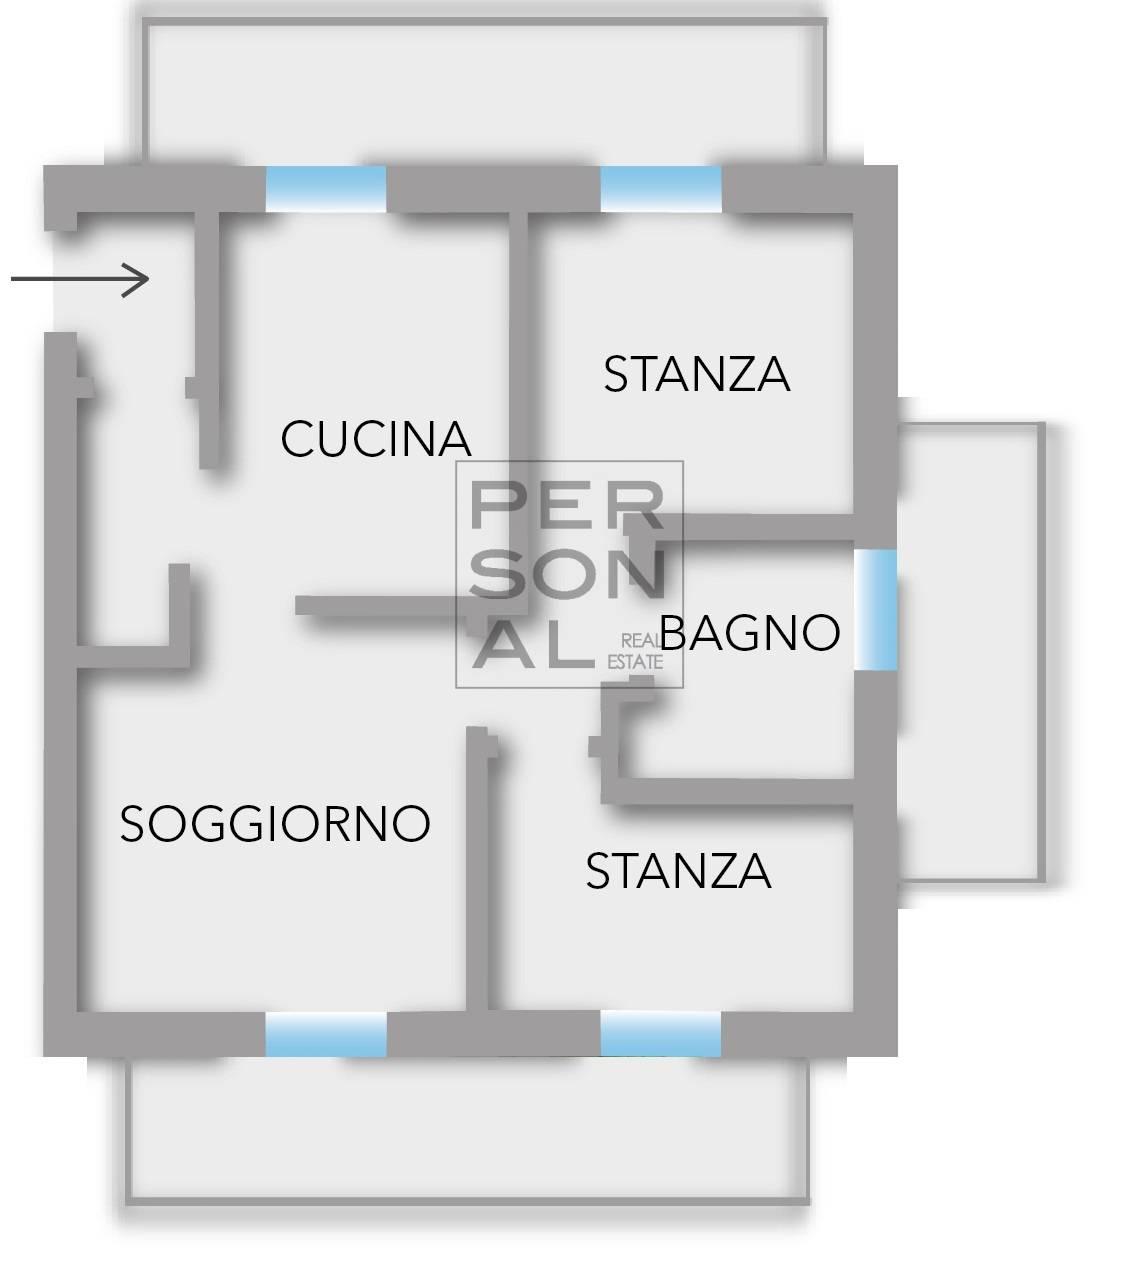 Appartamento in vendita a Roncegno Terme, 3 locali, prezzo € 150.000 | CambioCasa.it